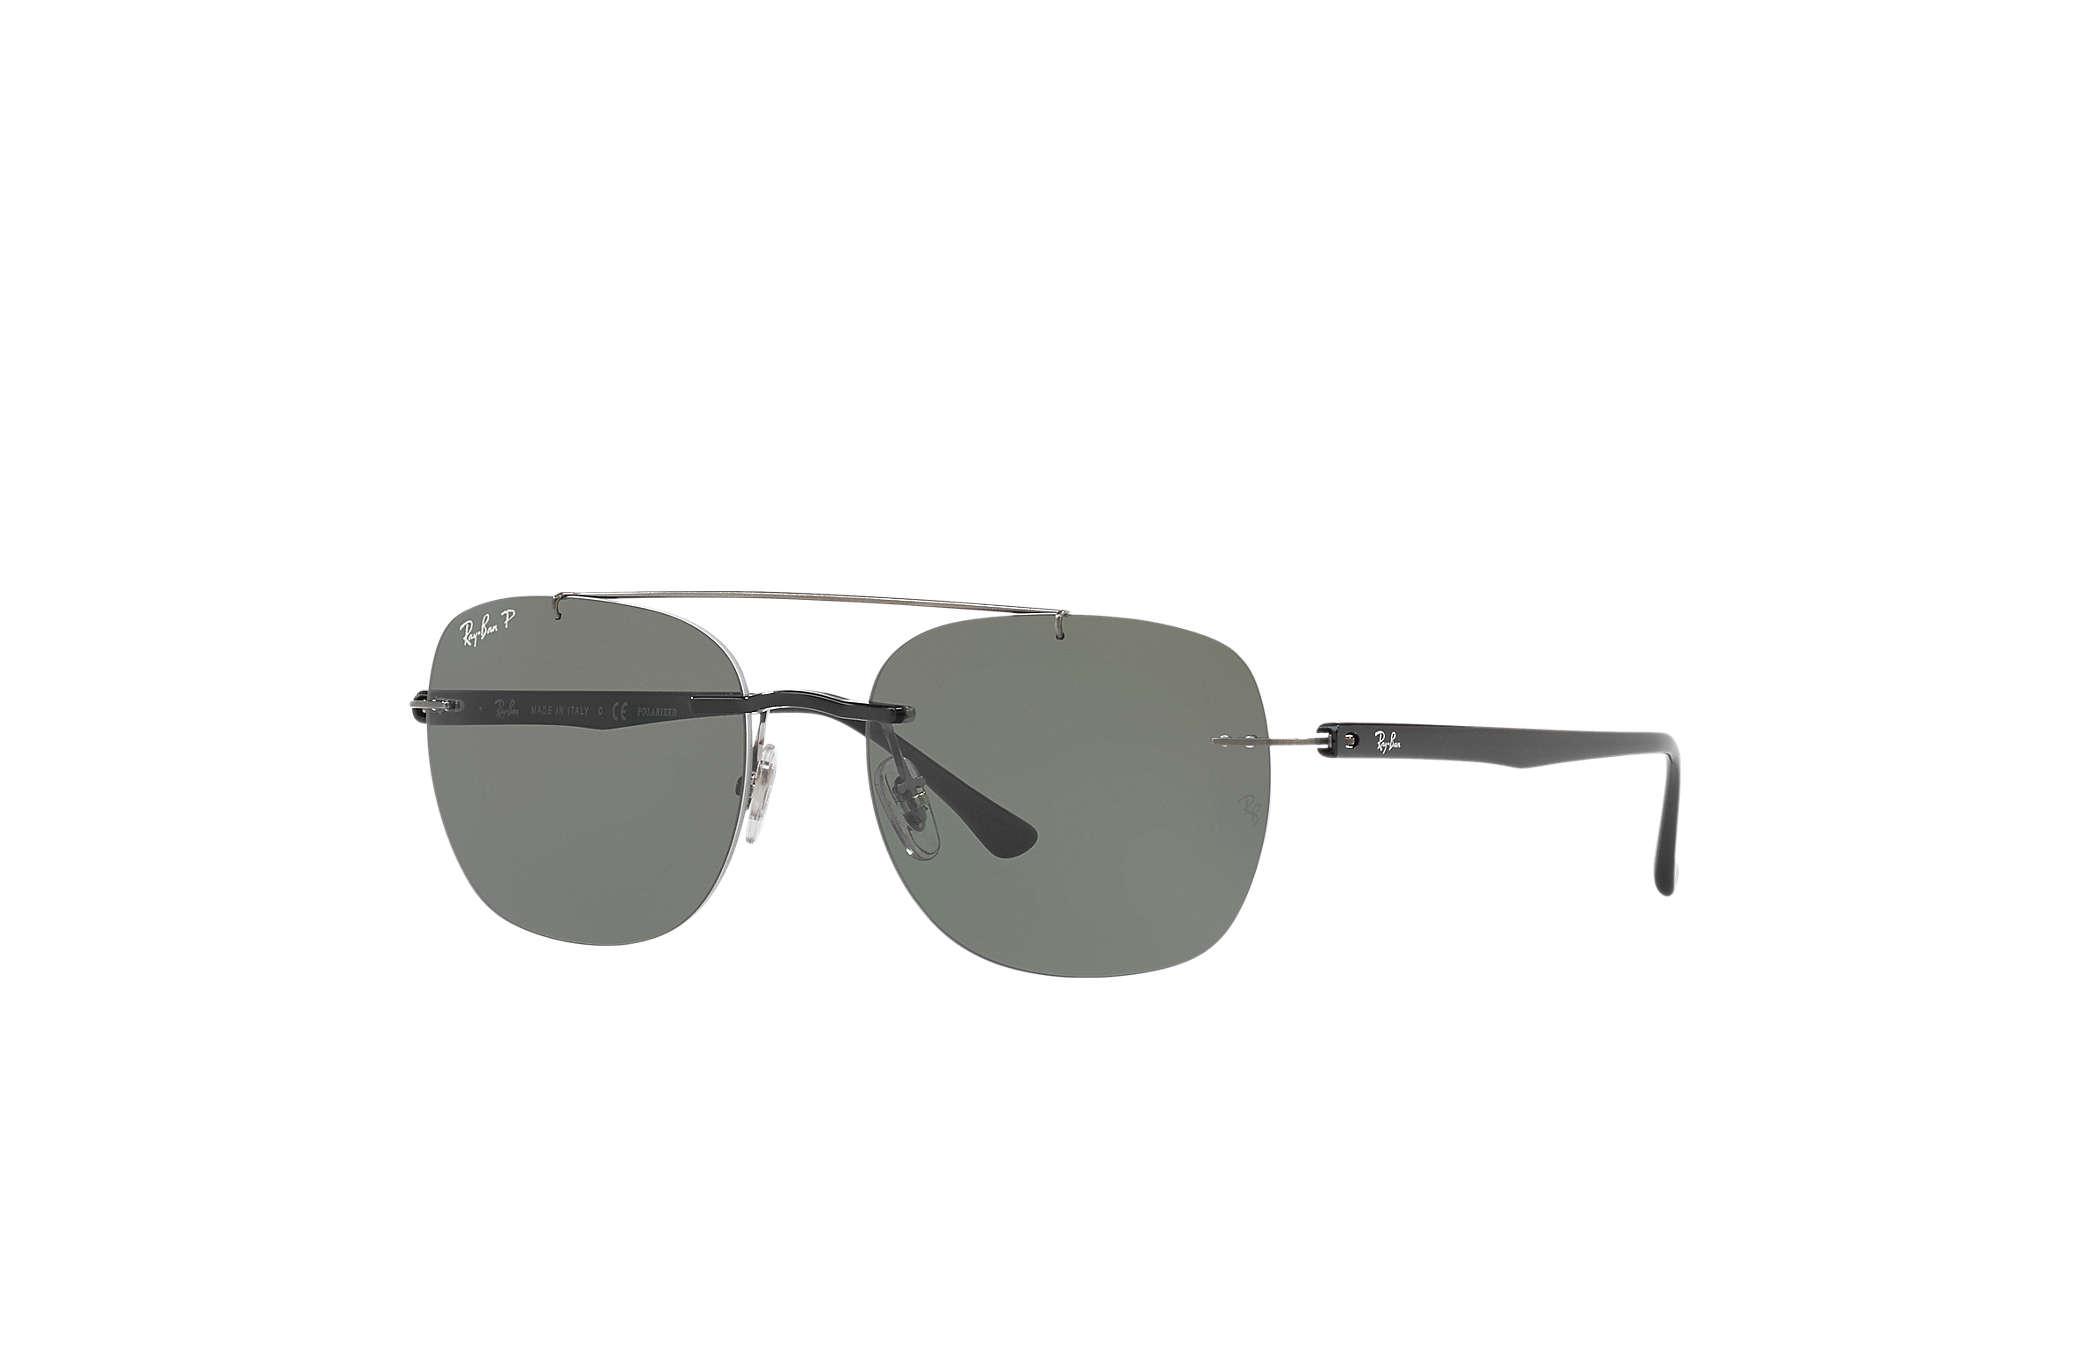 RAY BAN RAY-BAN Herren Sonnenbrille » RB4280«, schwarz, 601/9A - schwarz/grün